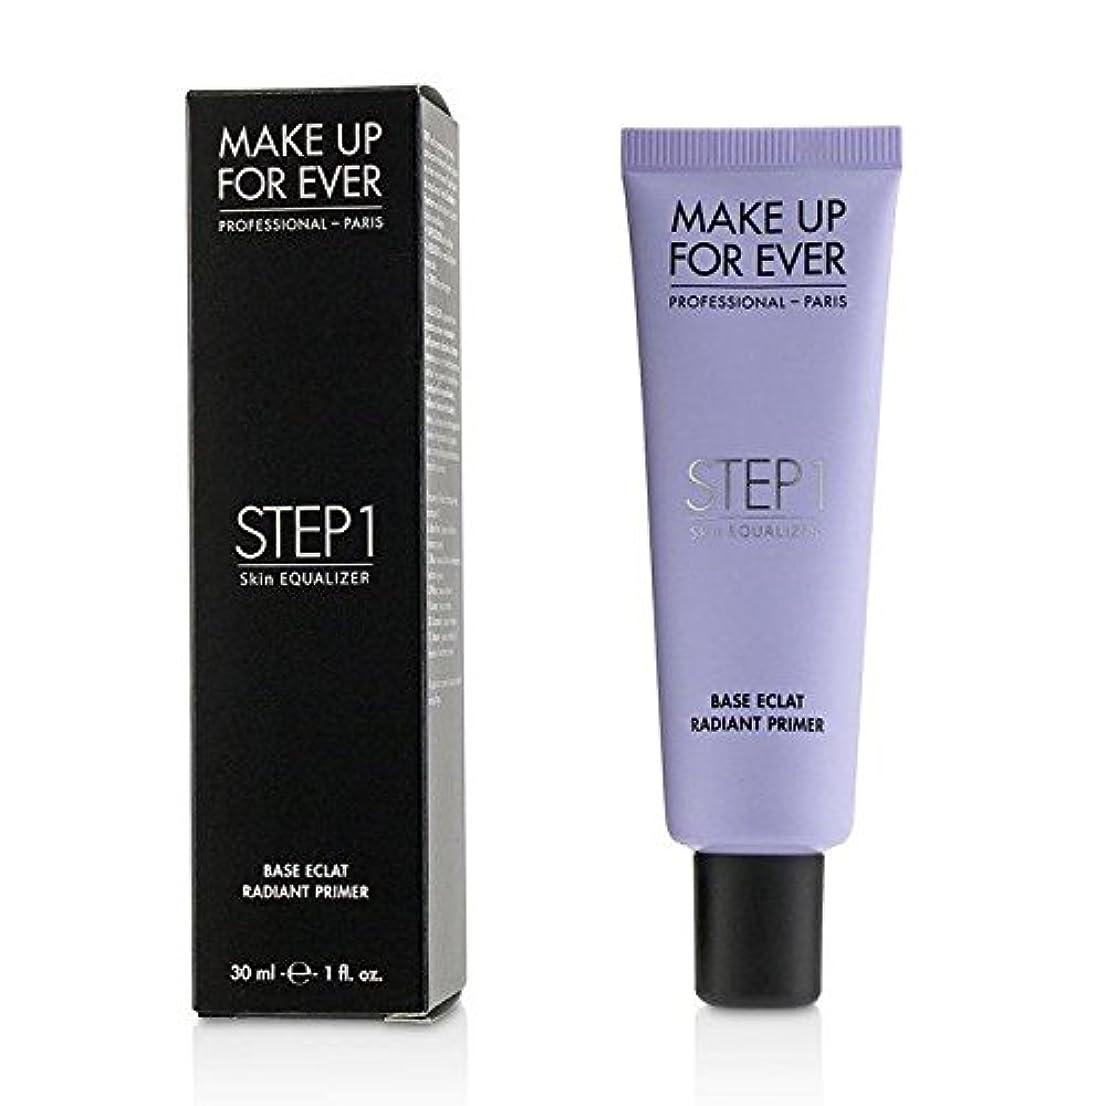 違反する風が強いマスタードメイクアップフォーエバー Step 1 Skin Equalizer - #11 Radiant Primer (Mauve) 30ml/1oz並行輸入品